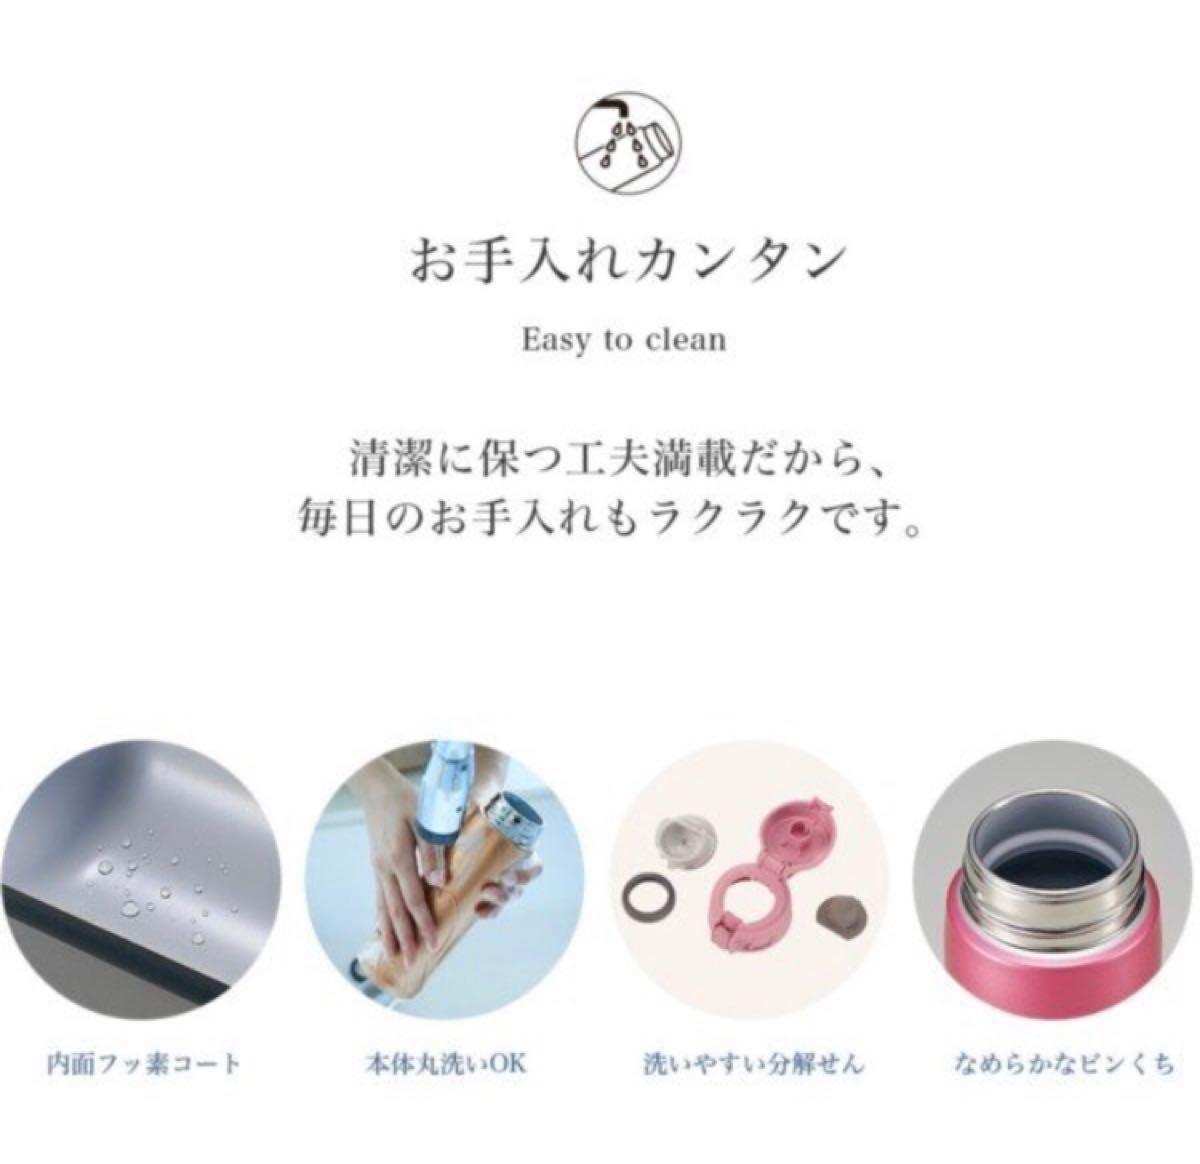 【残りわずか】象印 ZOJIRUSHI ピンク ステンレスボトル ステンレスマグ 水筒 360mL 新品未使用未開封 値下げ不可